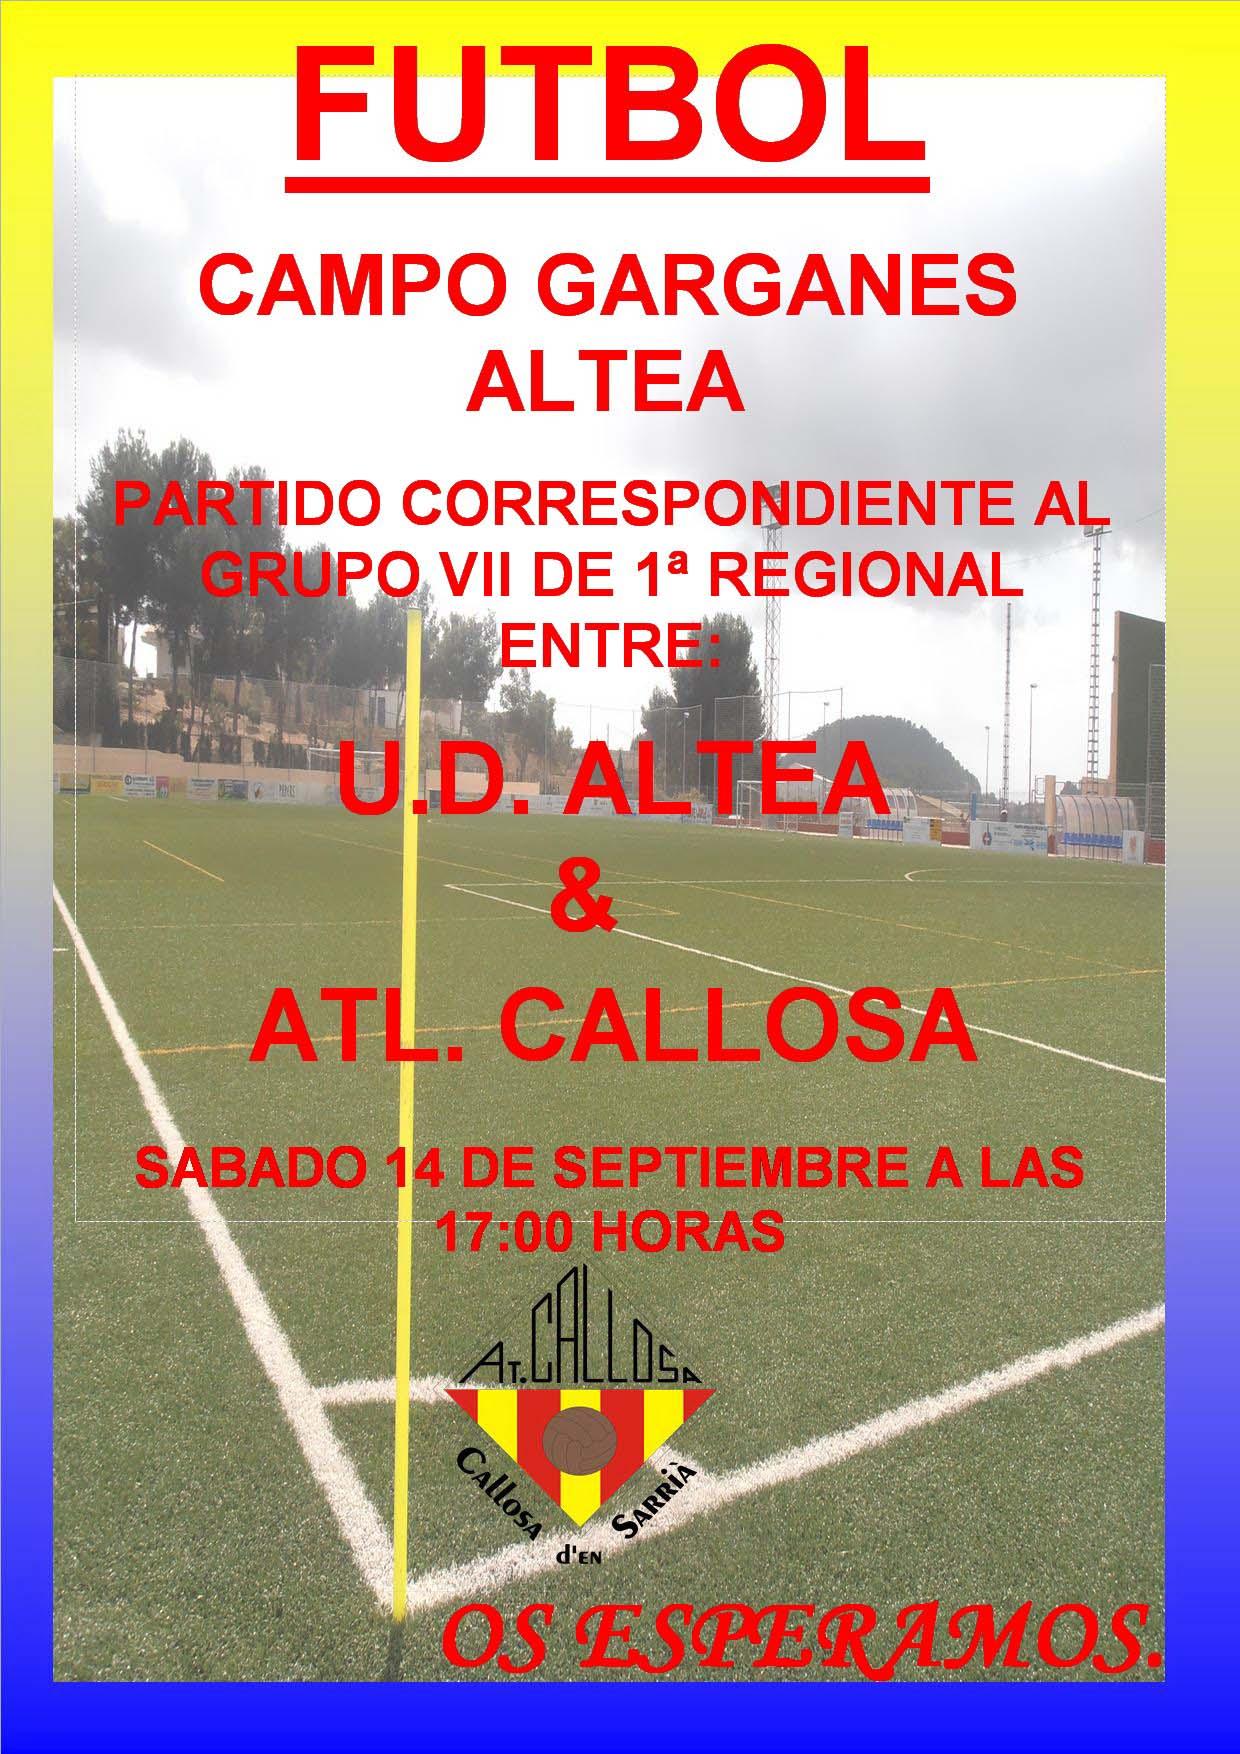 El Atlético Callosa comienza la Liga!!!